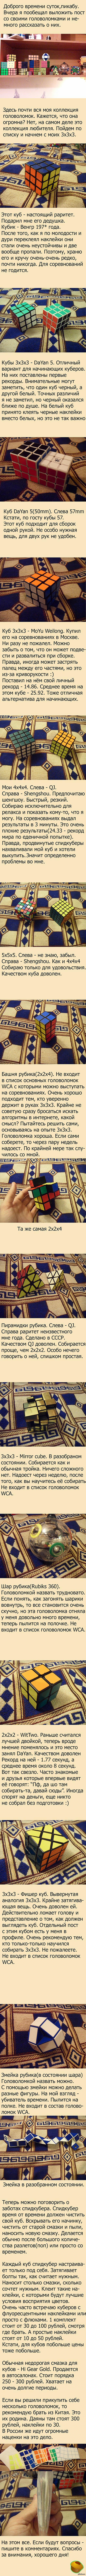 """Мои головоломки <a href=""""http://pikabu.ru/story/moi_kubikirubika_2471040#comment_30476017"""">#comment_30476017</a> - обещал поделиться своими головоломками. Все очень кратко. Будет интересно - продолжу."""